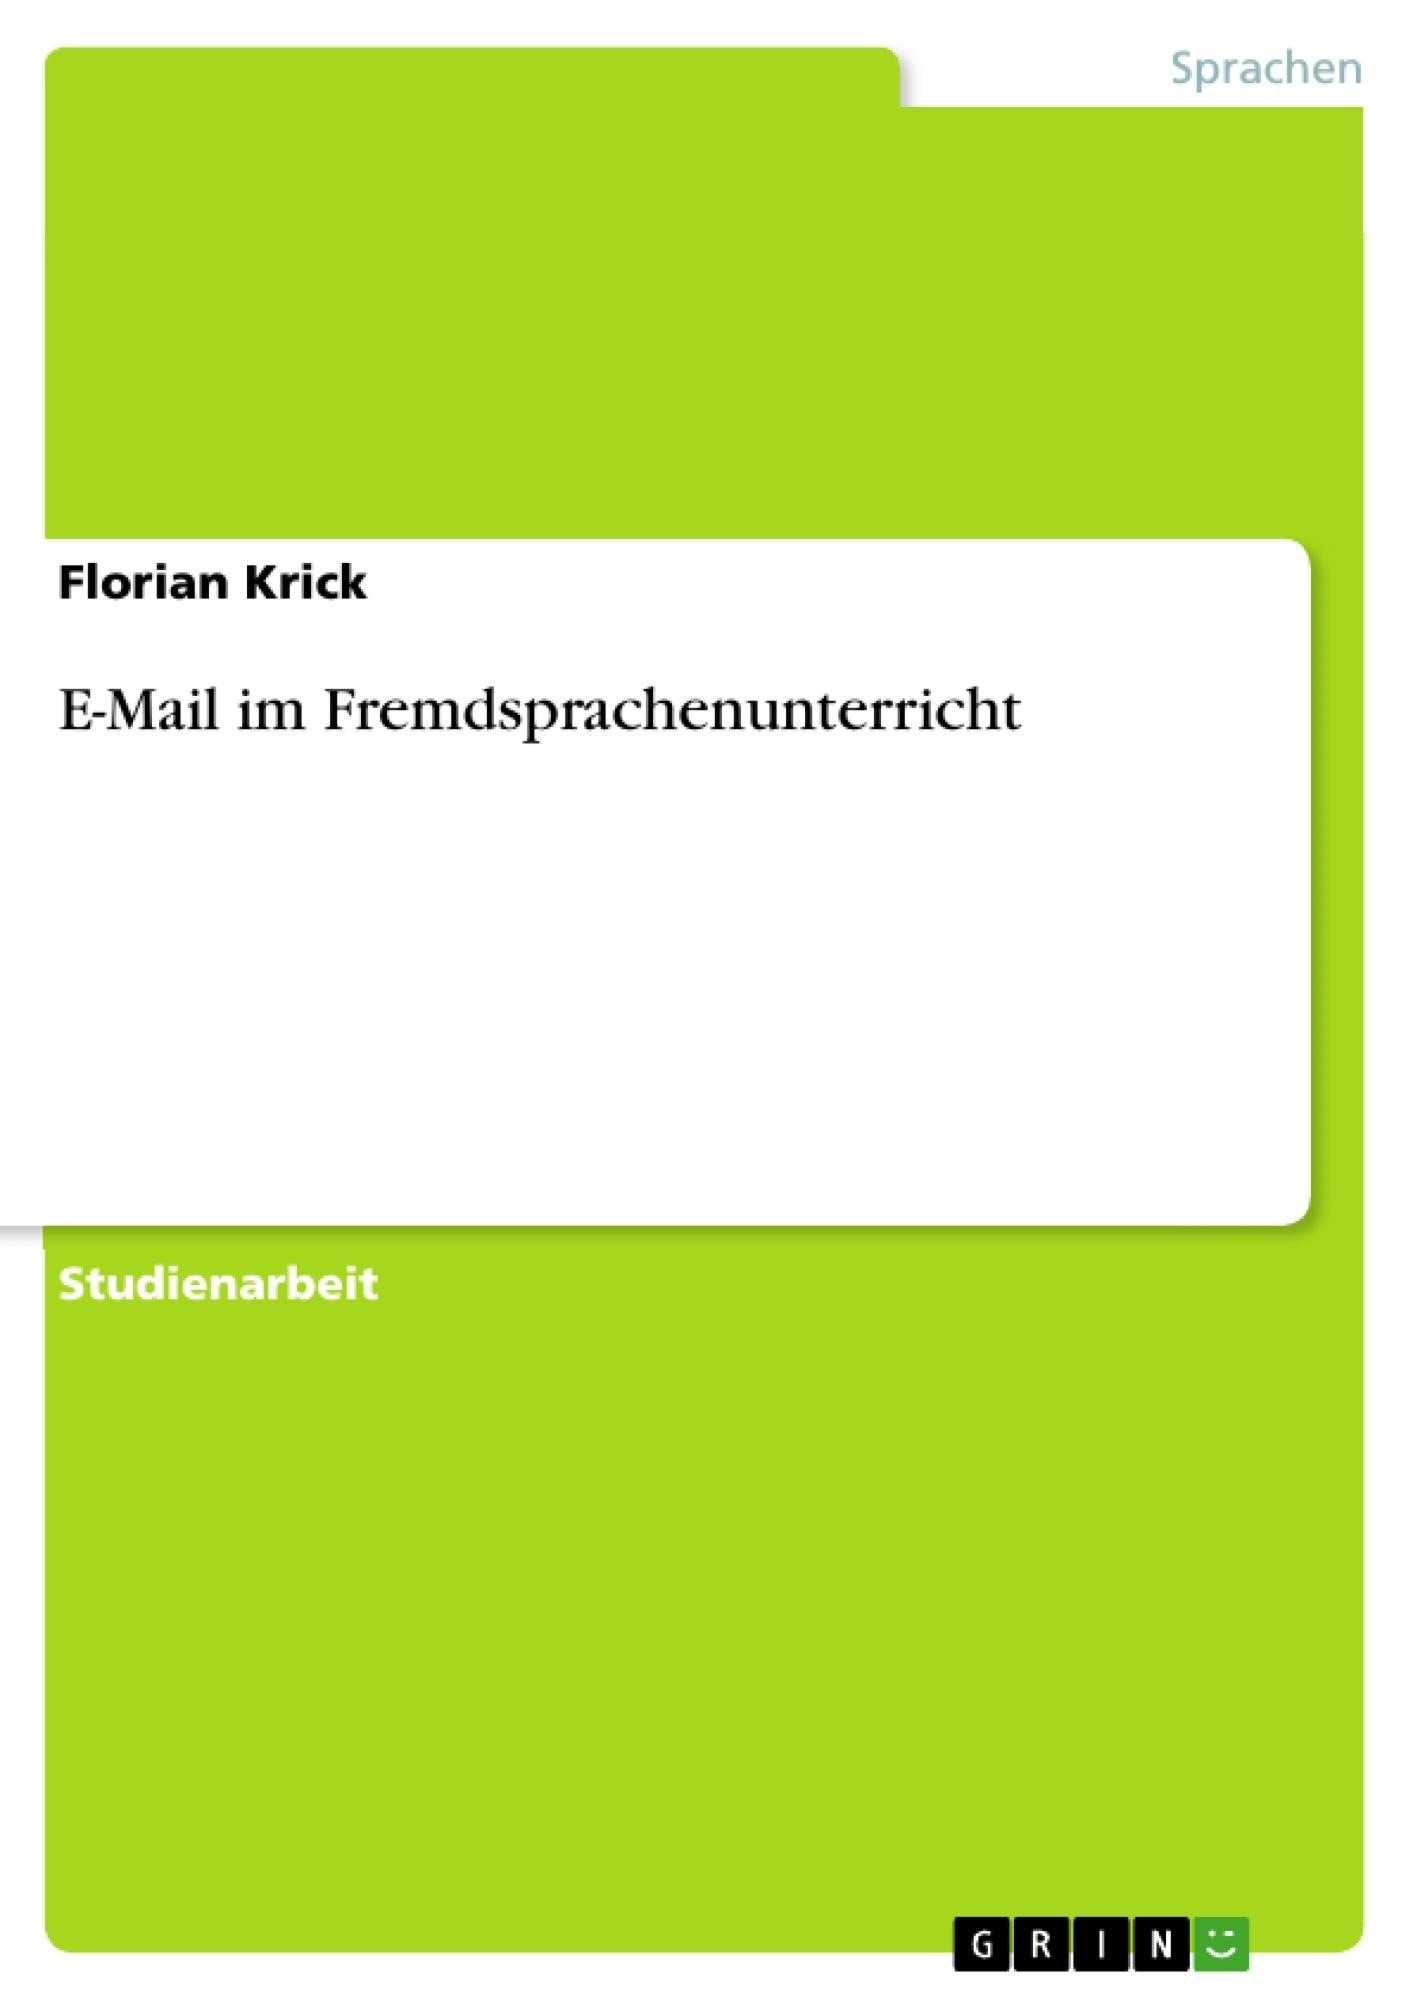 Titel: E-Mail im Fremdsprachenunterricht